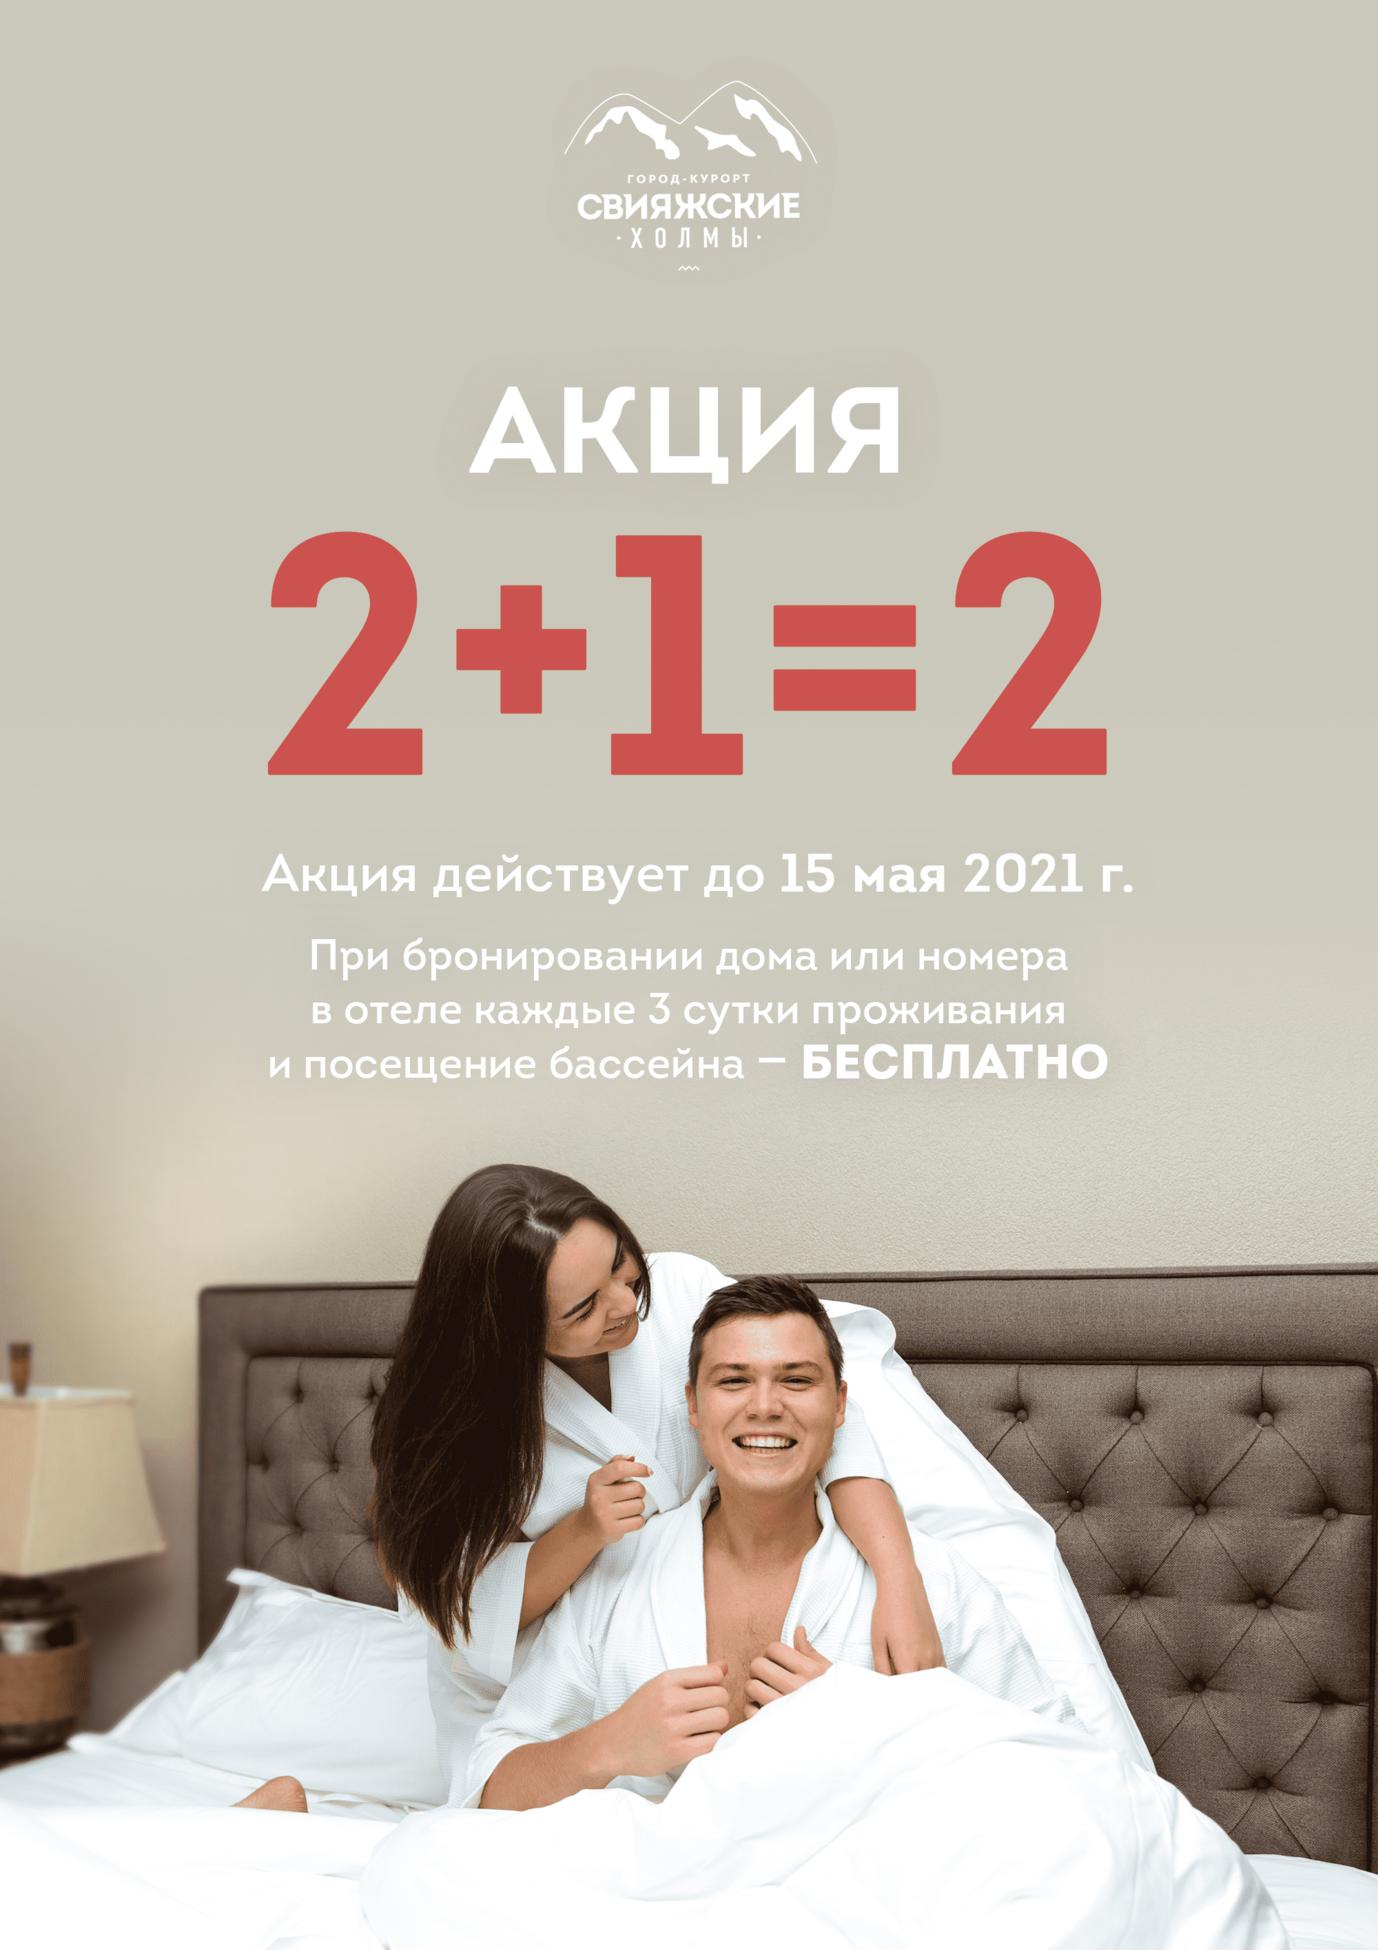 Акция 2+1=2 Бесплатные ночи